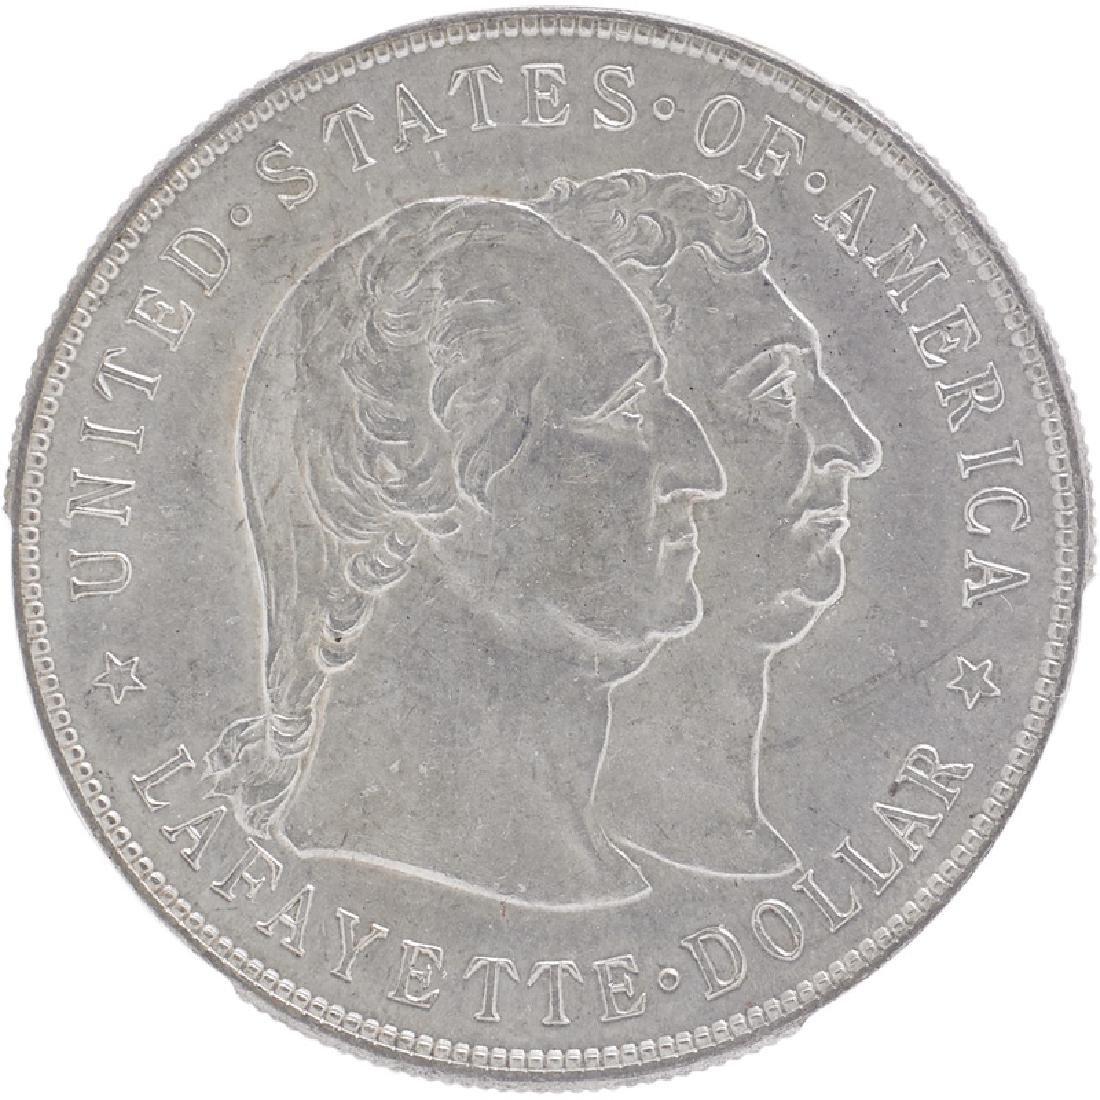 U.S. 1900 LAFAYETTE COMMEMORATIVE $1 COIN